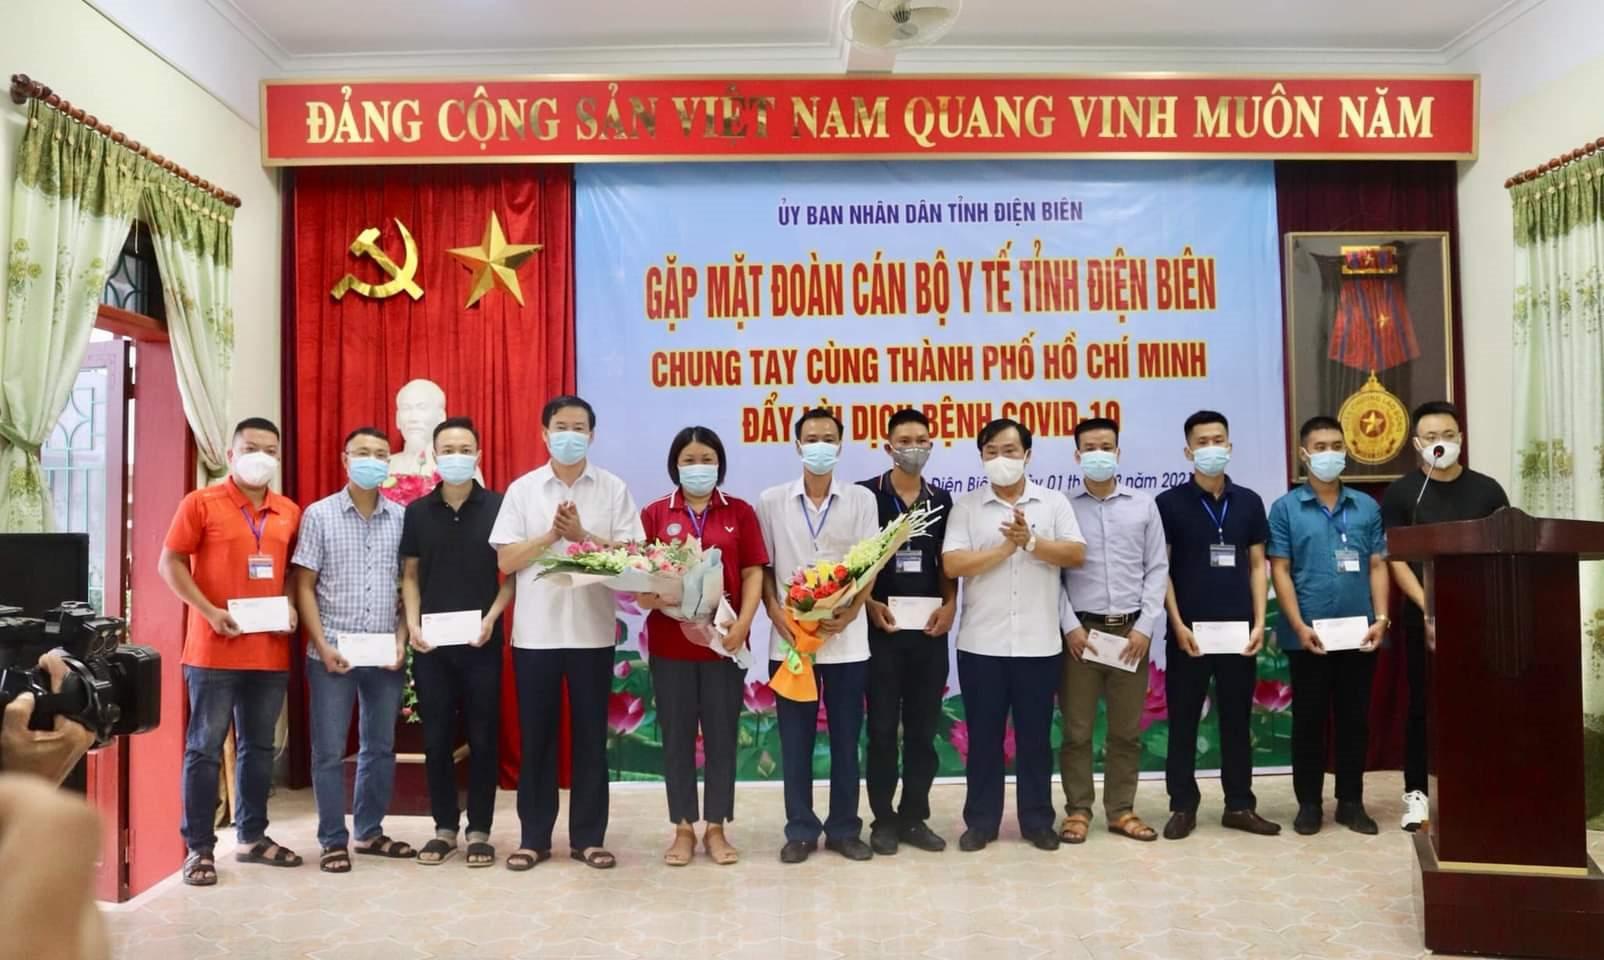 Lãnh đạo tỉnh Điện Biên cùng đoàn cán bộy tế tạibuổi gặp mặt trước khi lên đường hỗ trợ TP. HCM chống dịch Covid -19